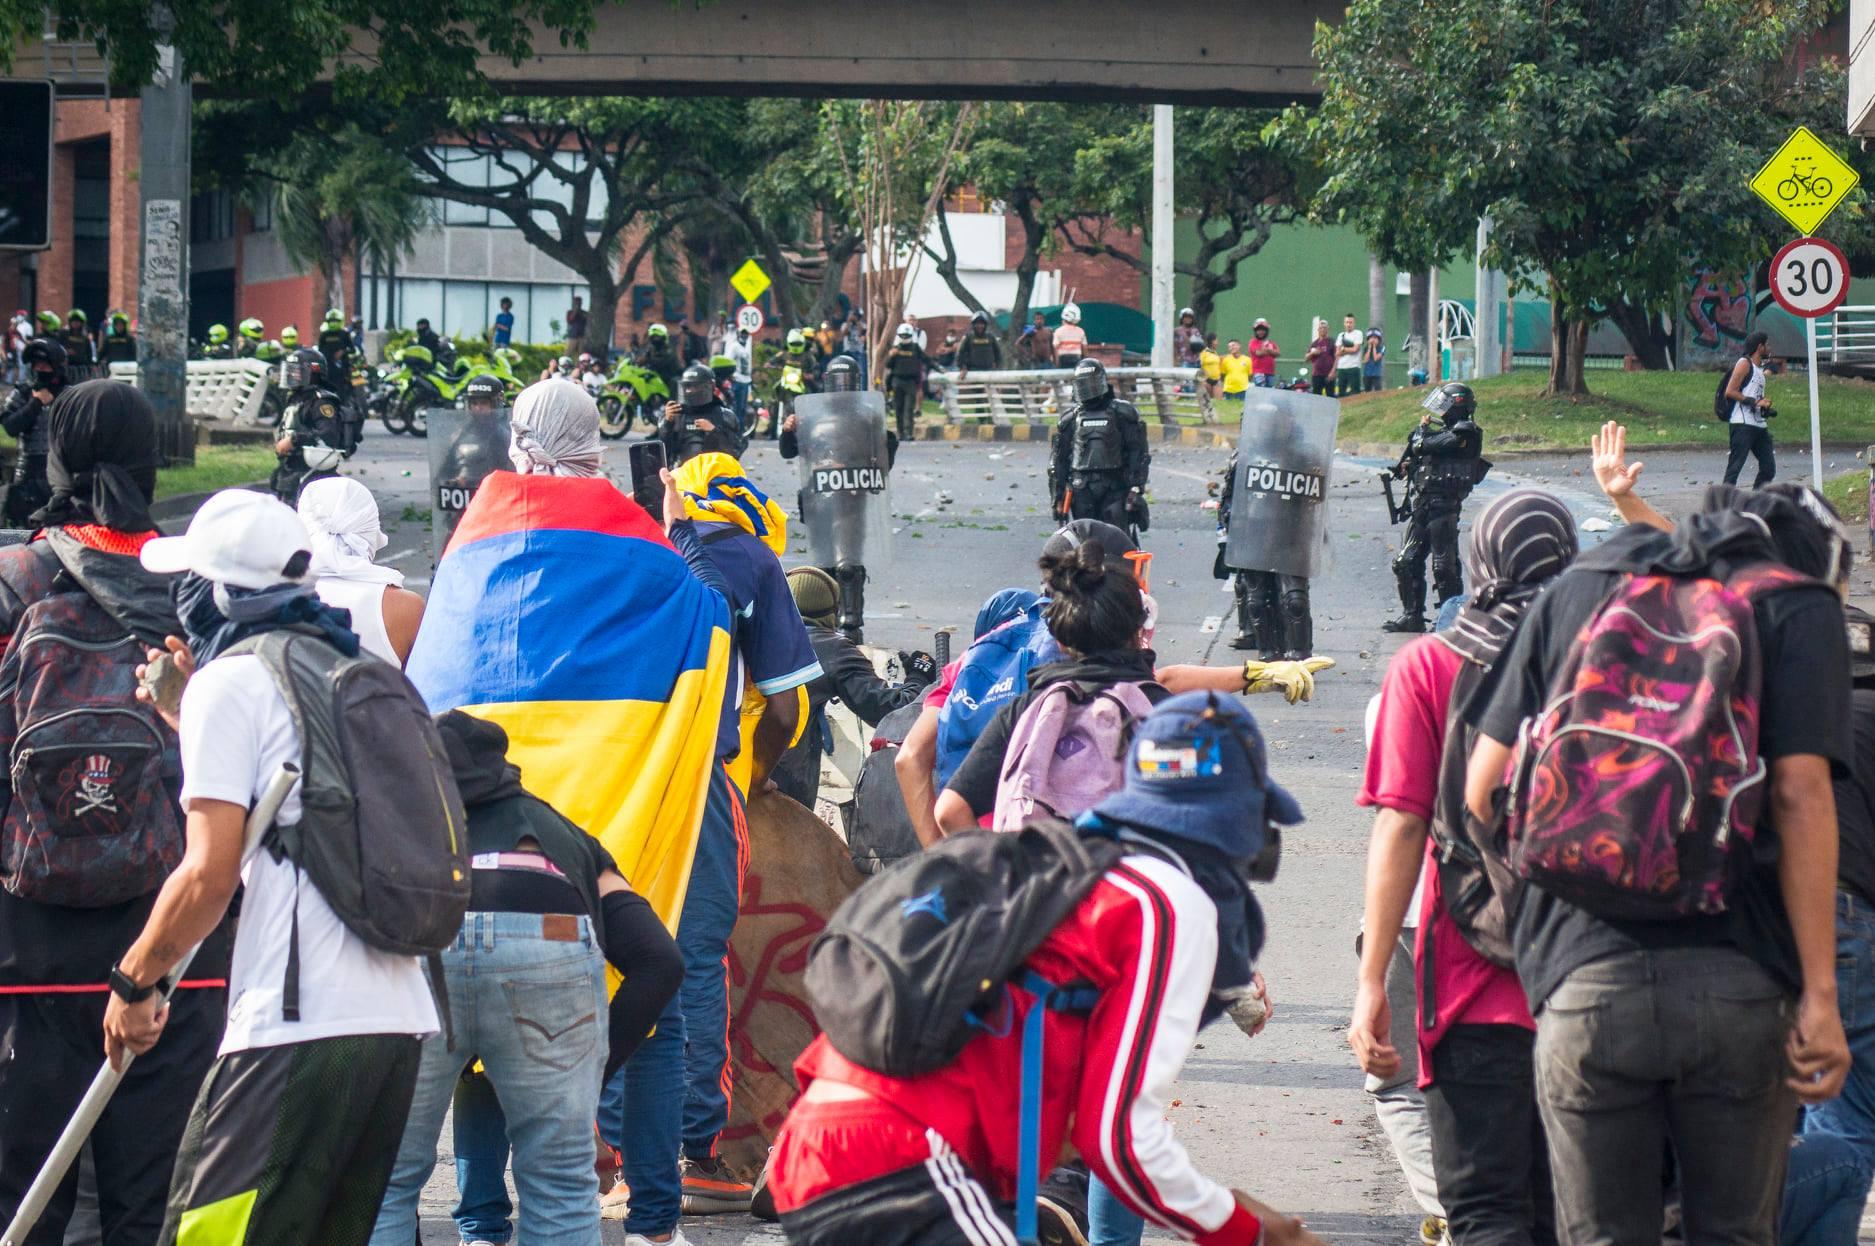 """Puede ser una imagen de una o varias personas, personas de pie, personas caminando, moto, calle, multitud, carretera y texto que dice """"50 POLICIA POLICIA ICIA POLI"""""""